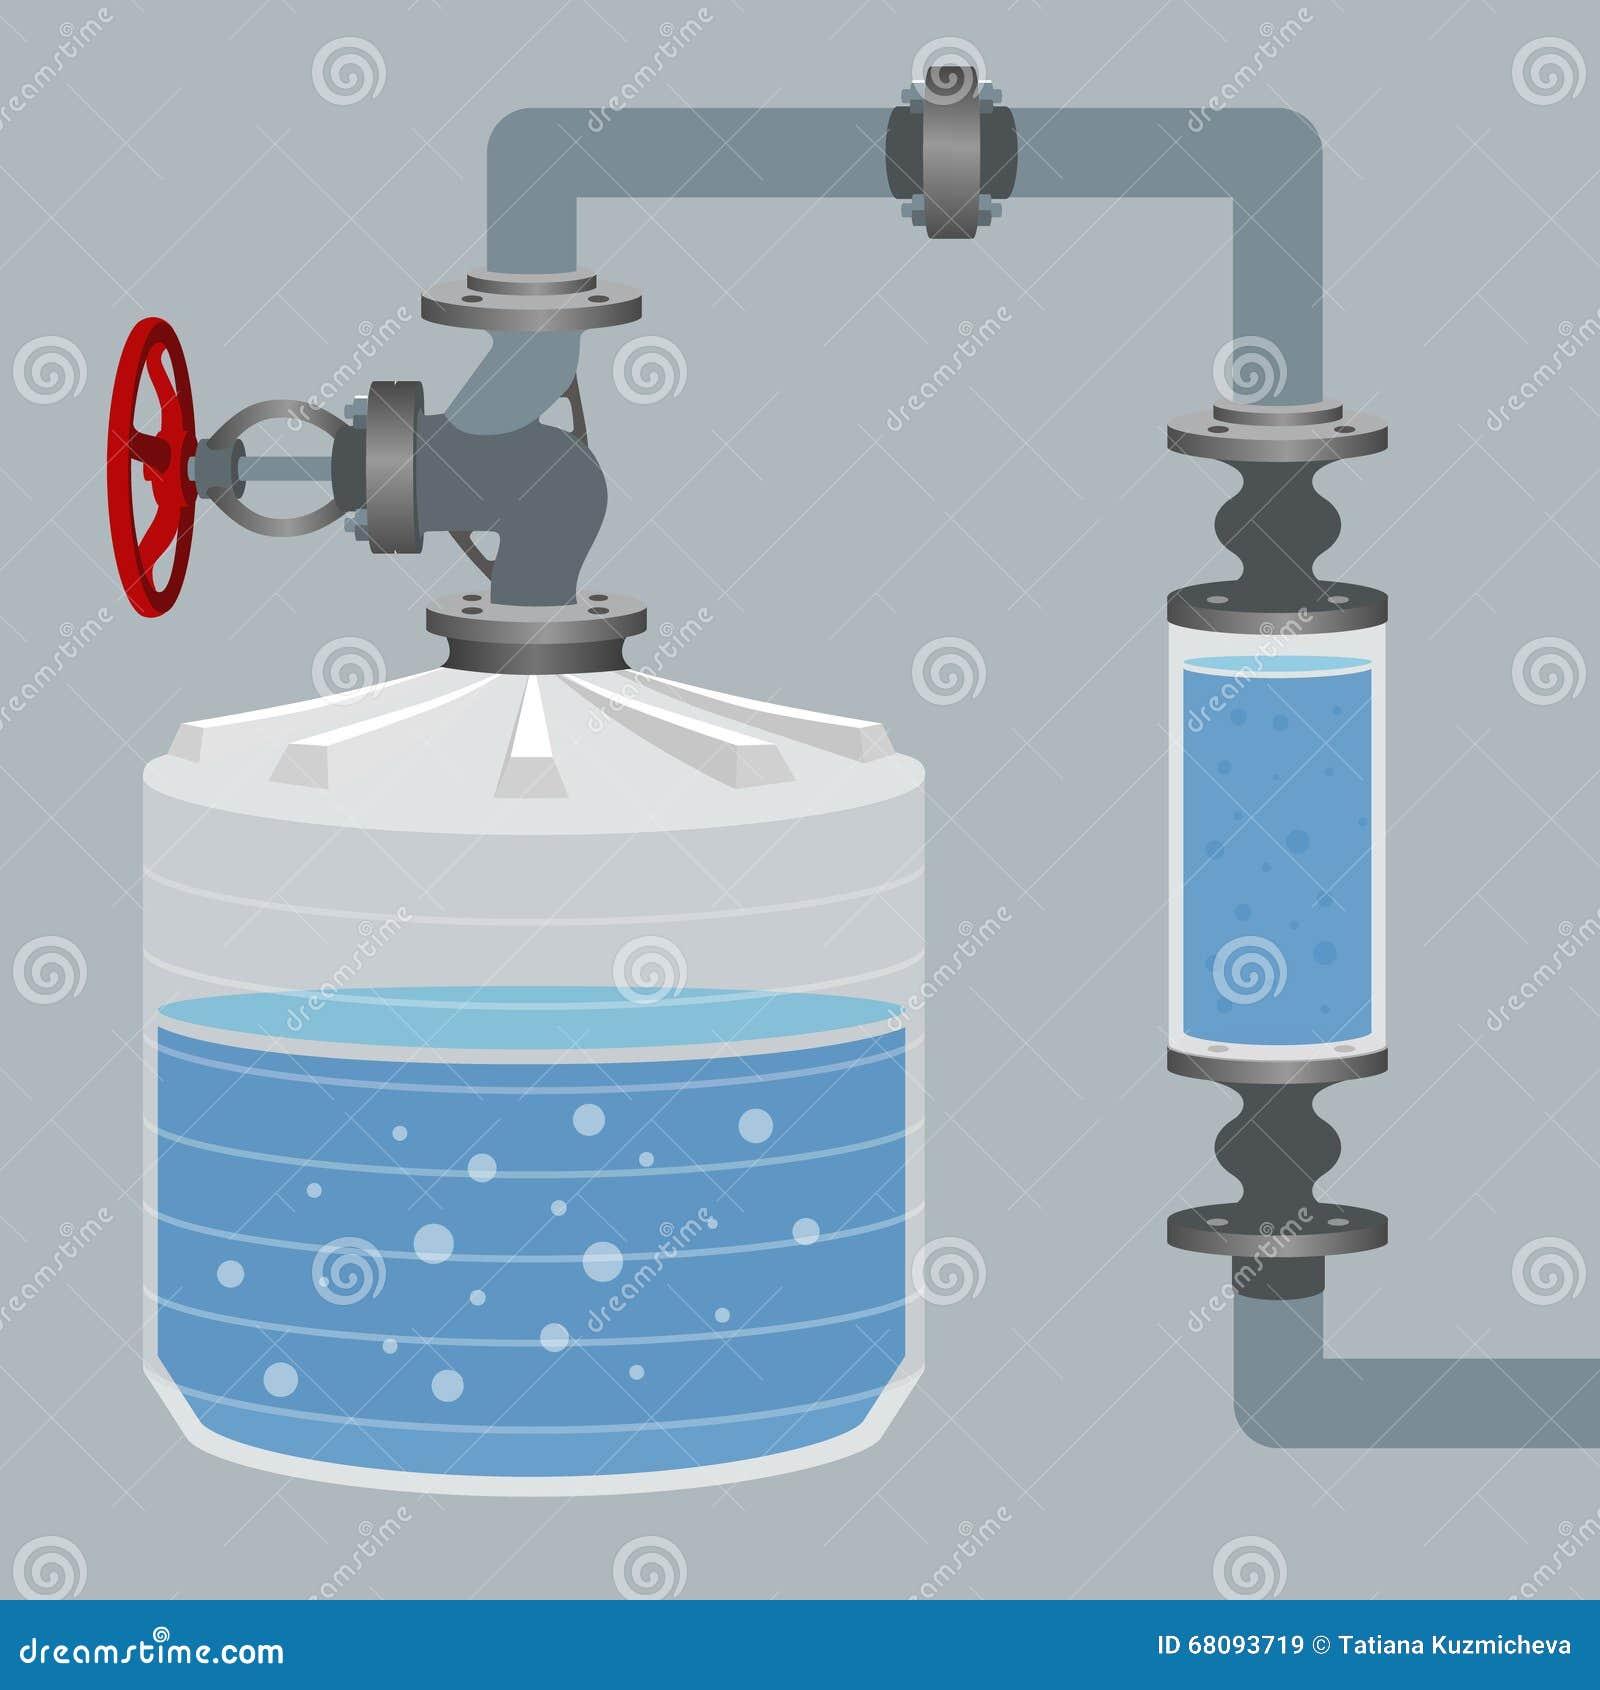 Esquema com tanque e tubula es de gua vetor ilustra o for Tanque hidroneumatico para agua